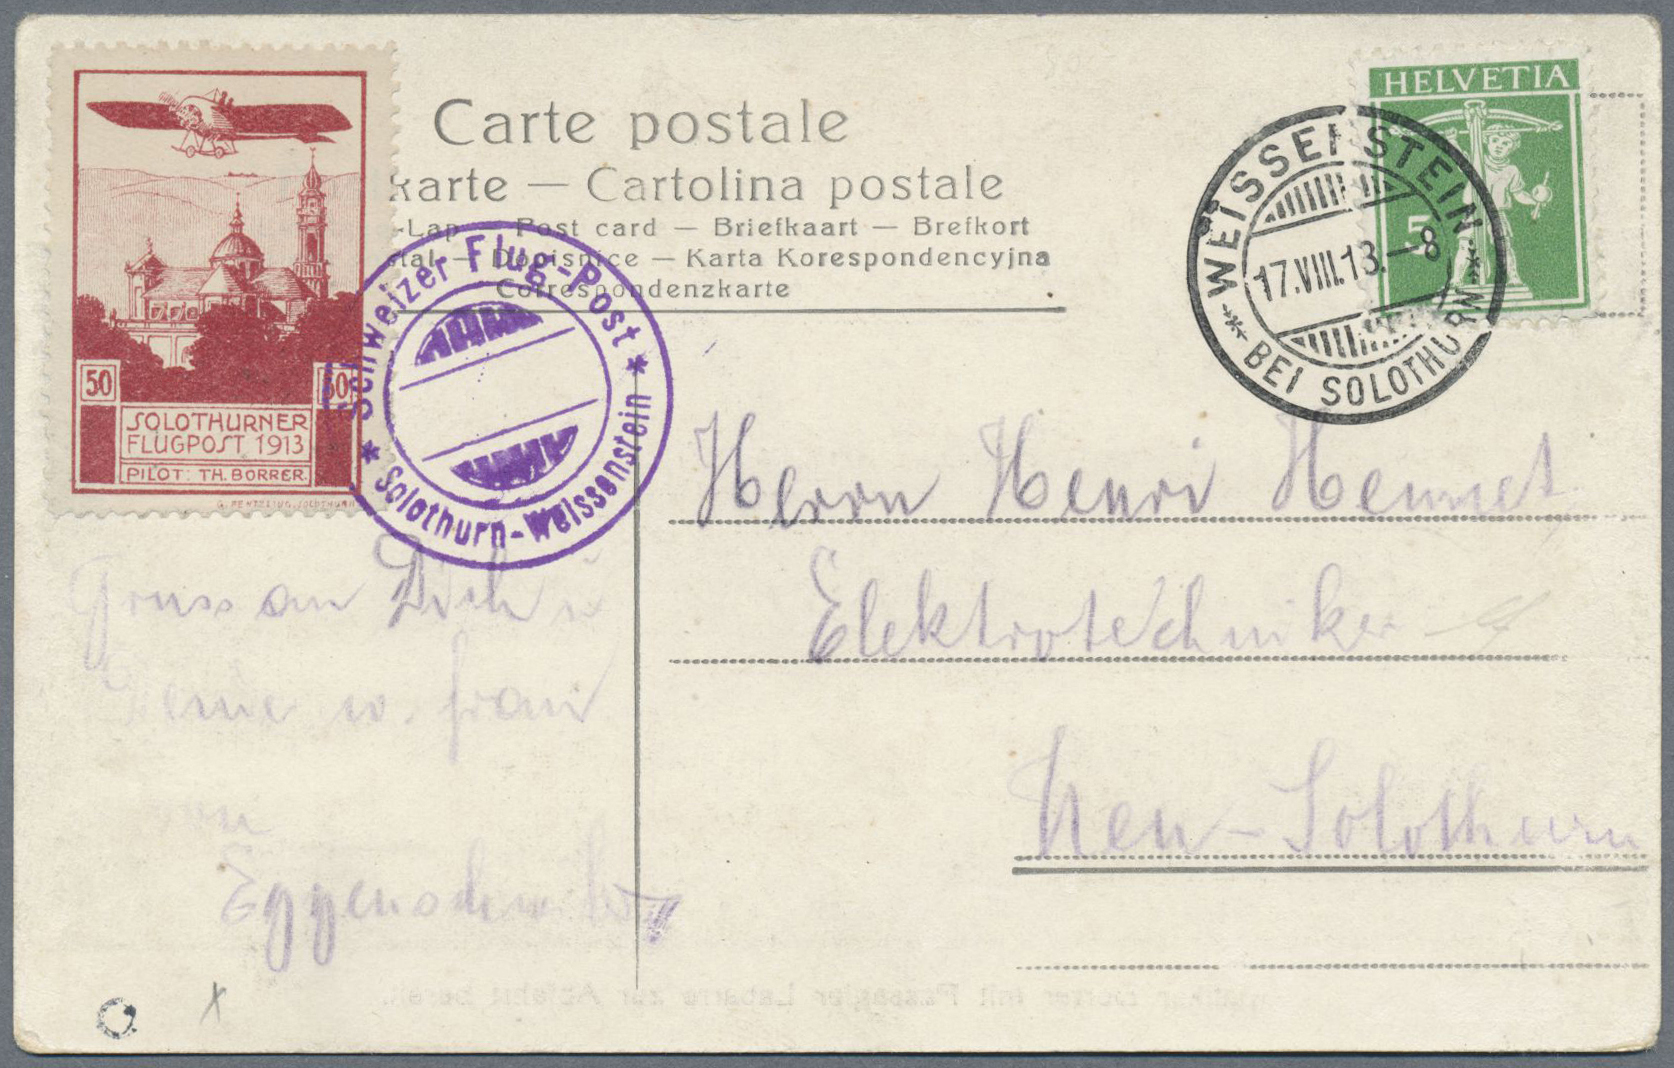 Lot 18981 - Schweiz - Halbamtliche Flugmarken  -  Auktionshaus Christoph Gärtner GmbH & Co. KG Single lots Philately Overseas & Europe. Auction #39 Day 4